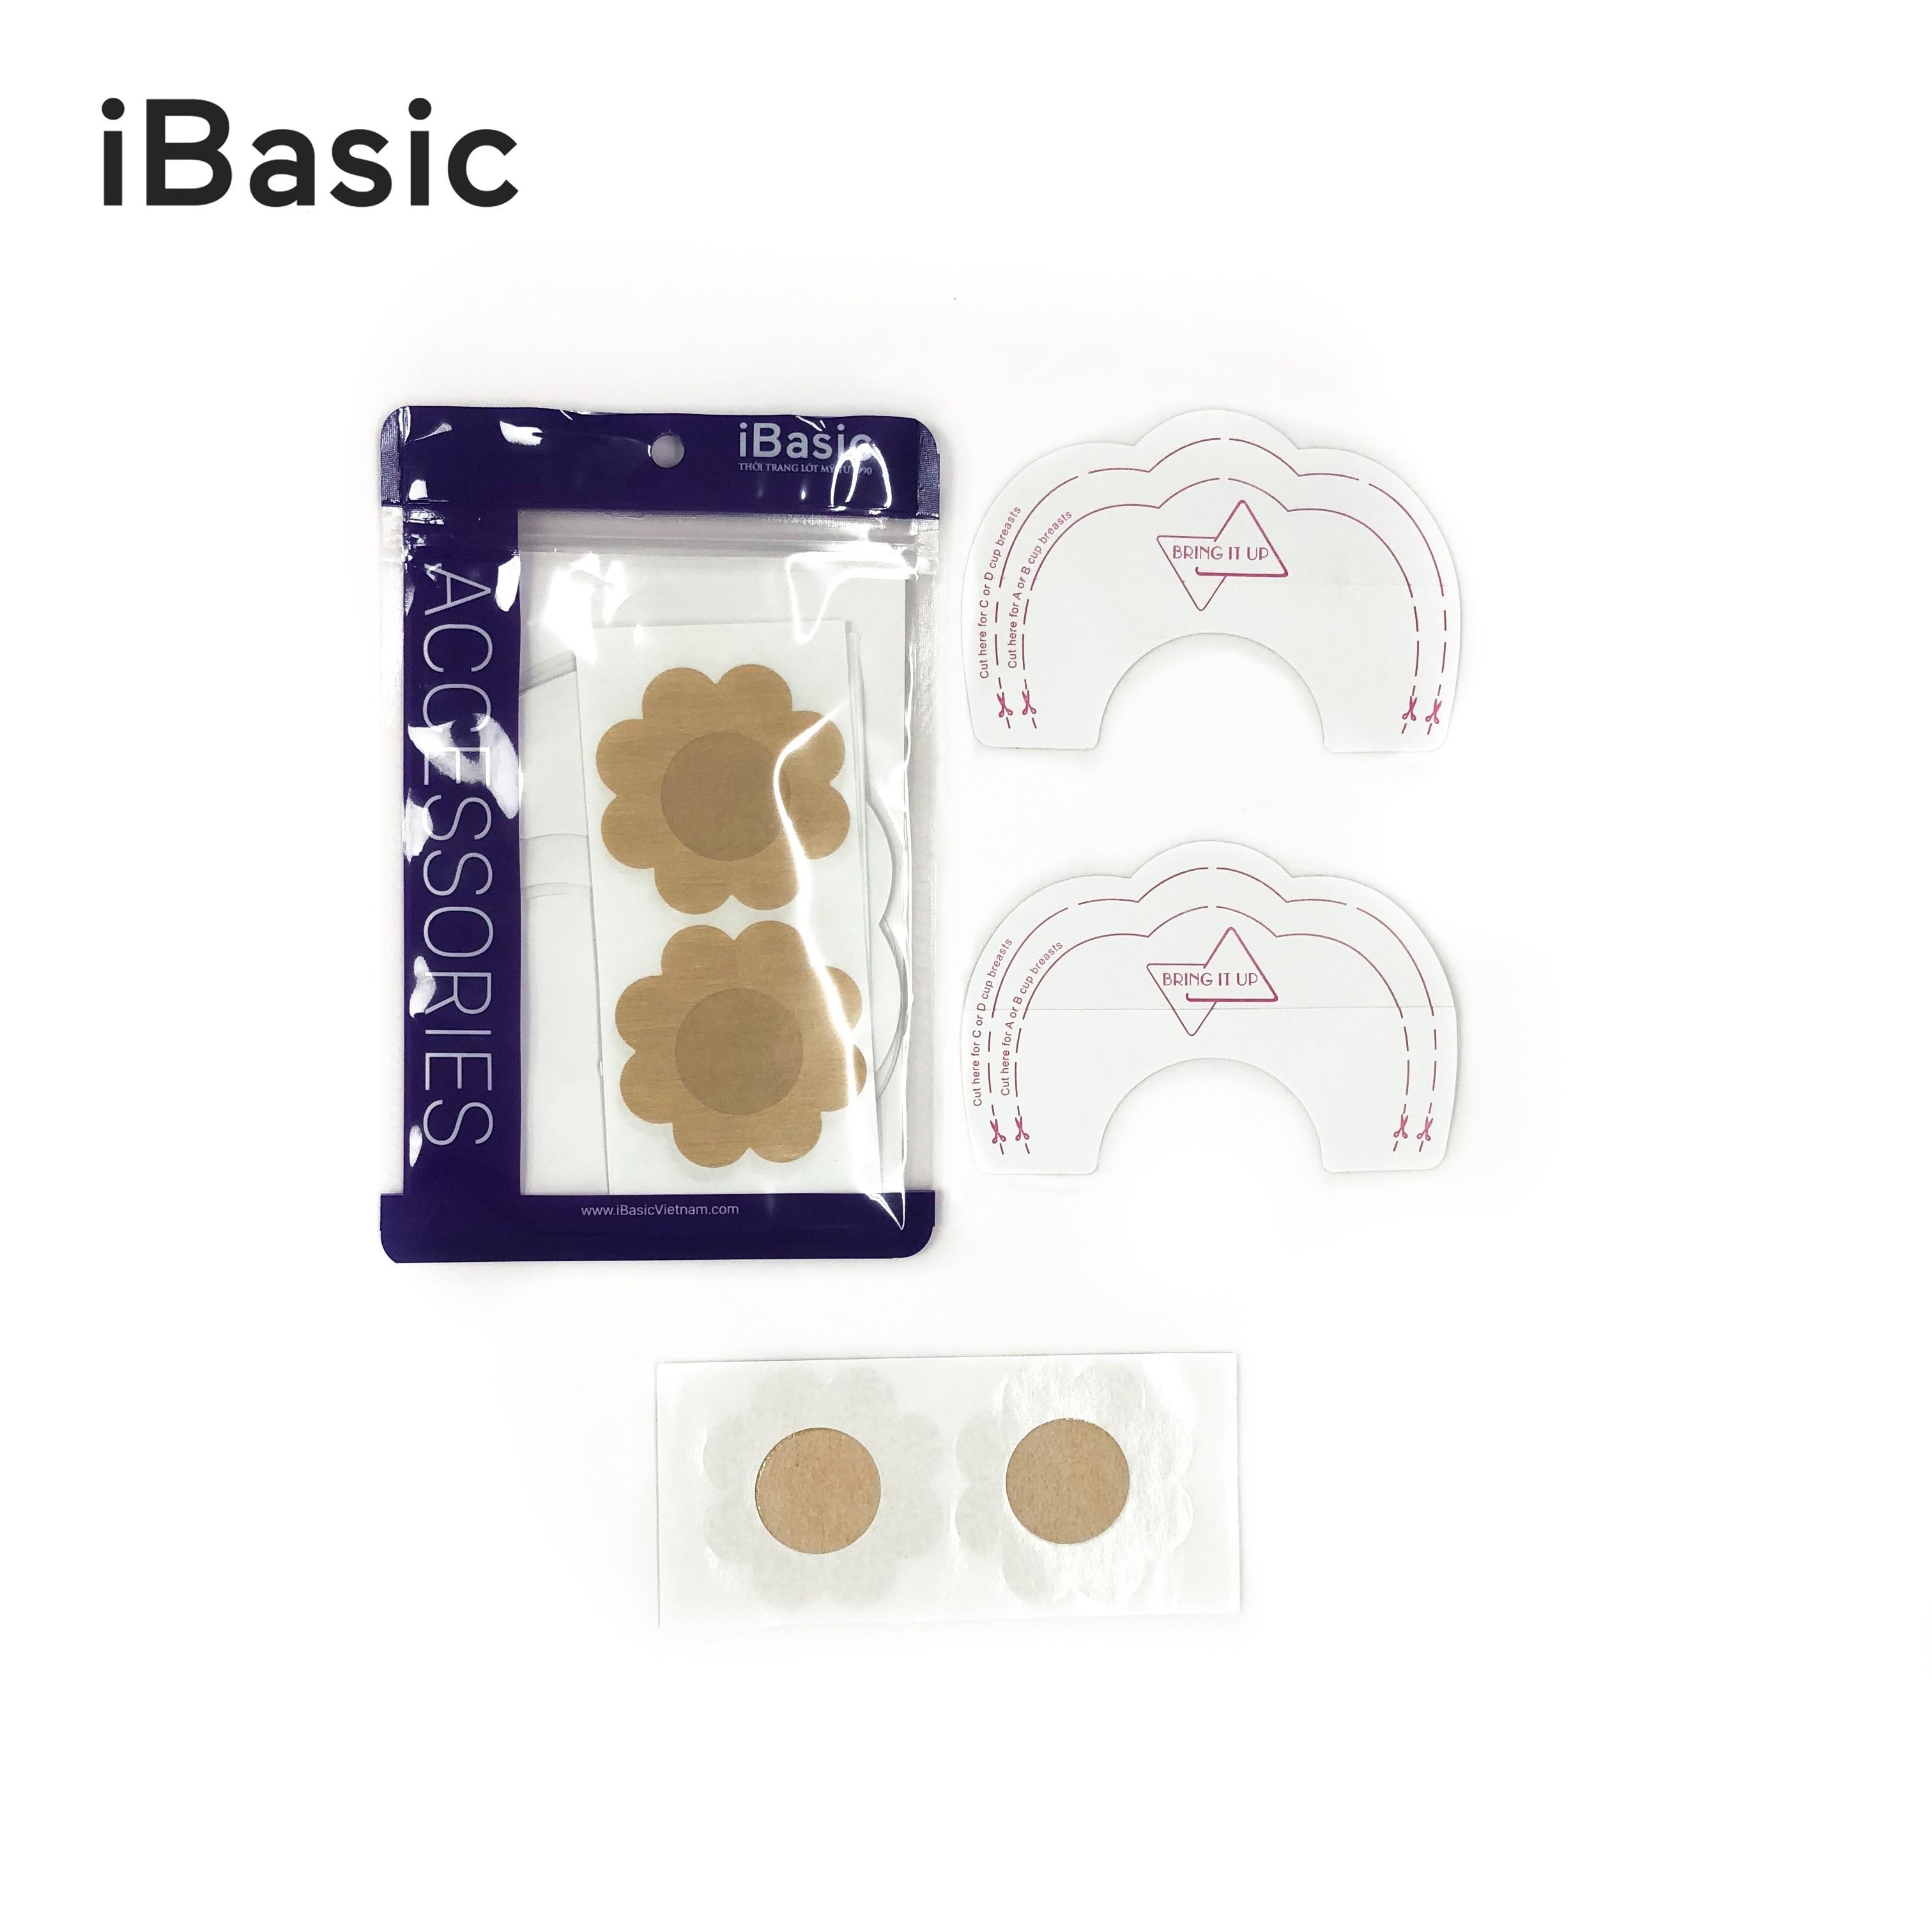 Set 5 cặp miếng dán ngực nhũ hoa nâng ngực iBasic PK095 - Màu da, giá chỉ  199,000đ! Mua ngay kẻo hết! | Store.SaleZone.Vn